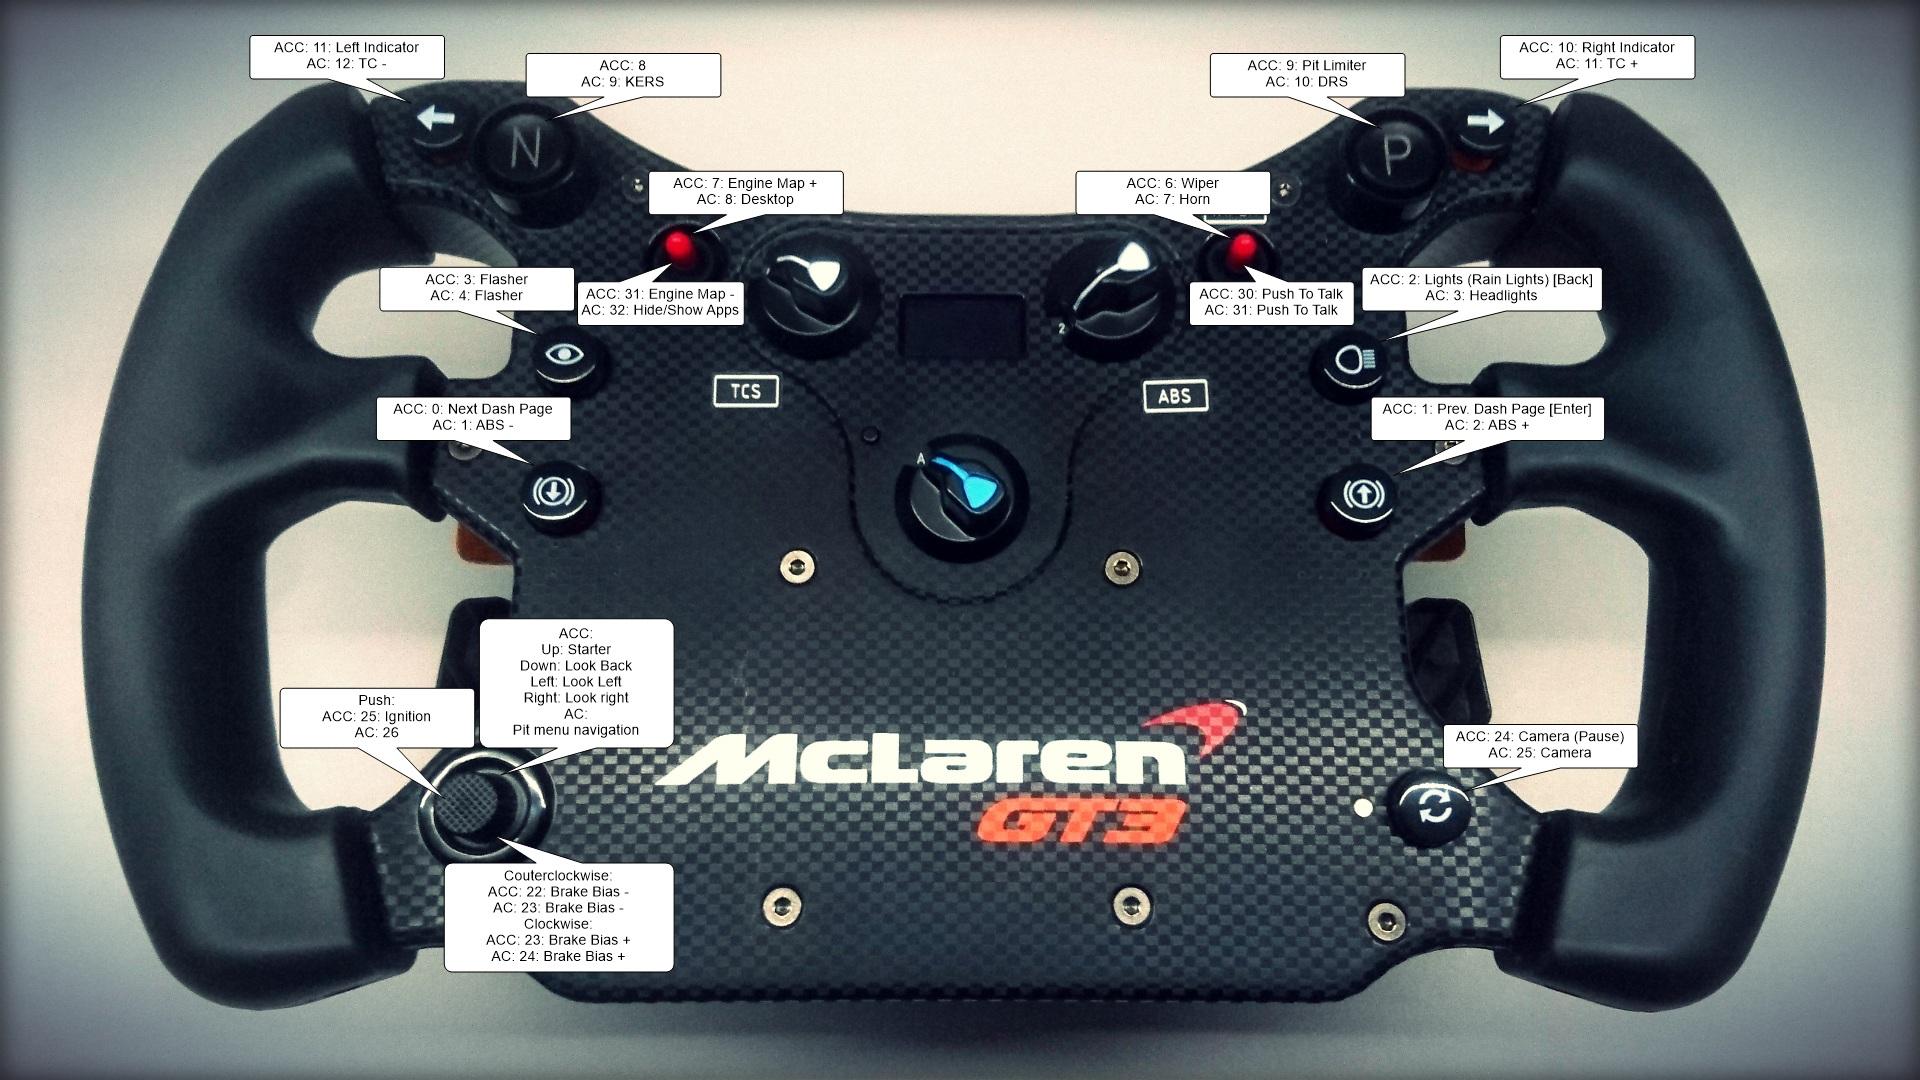 Fanatec-McLaren-GT3.jpg